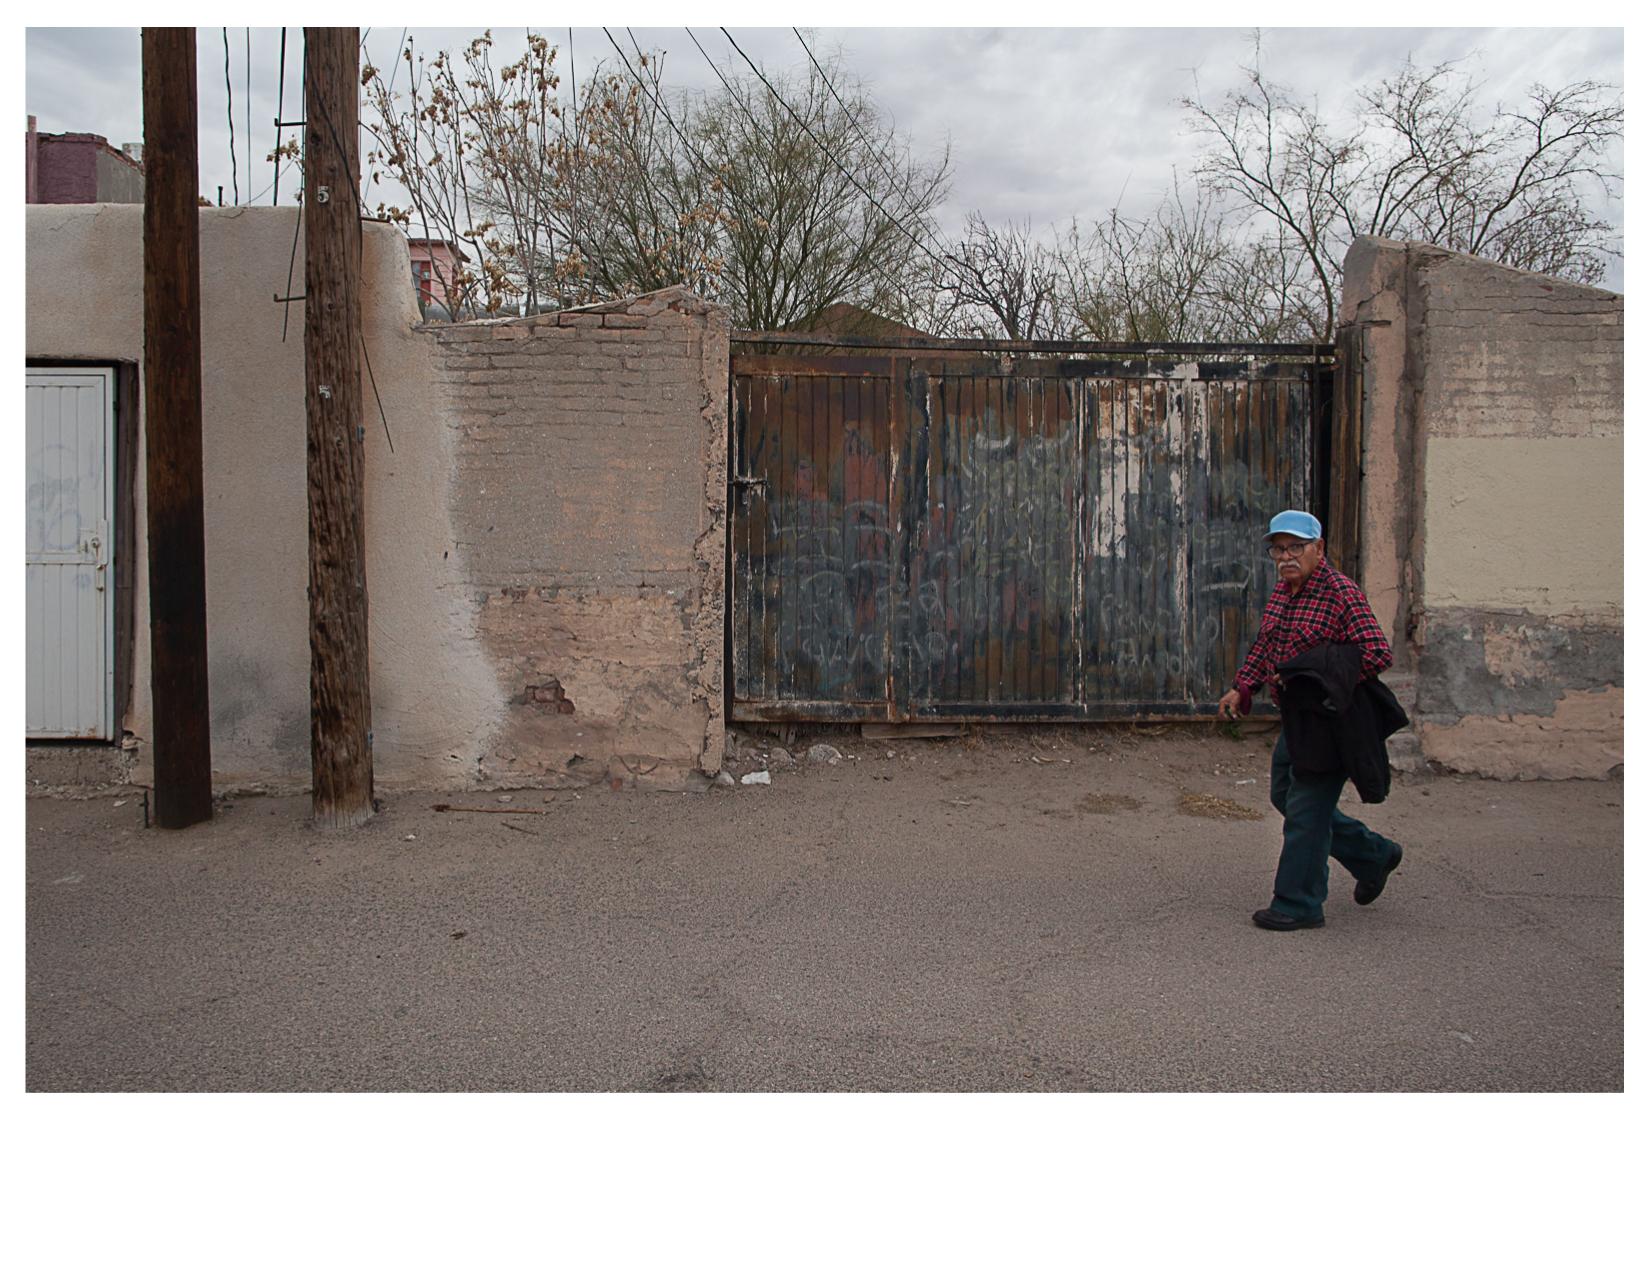 Man in Alley, El Segundo Bario, TX